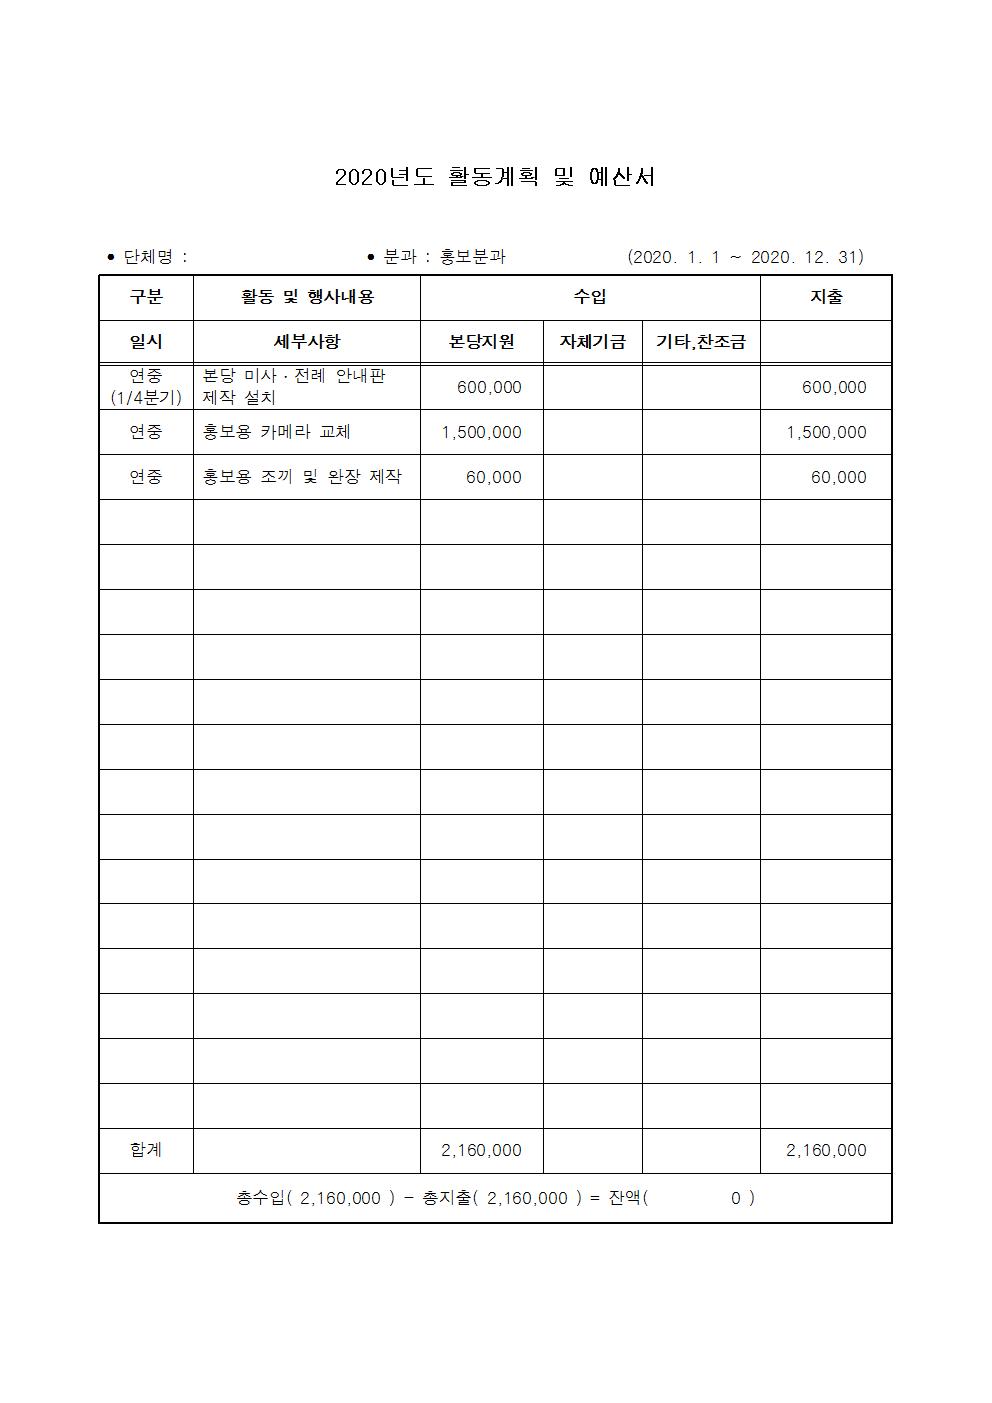 석포성당 홍보분과 2019년 활동 결산 및 2020년 활동계획002.png